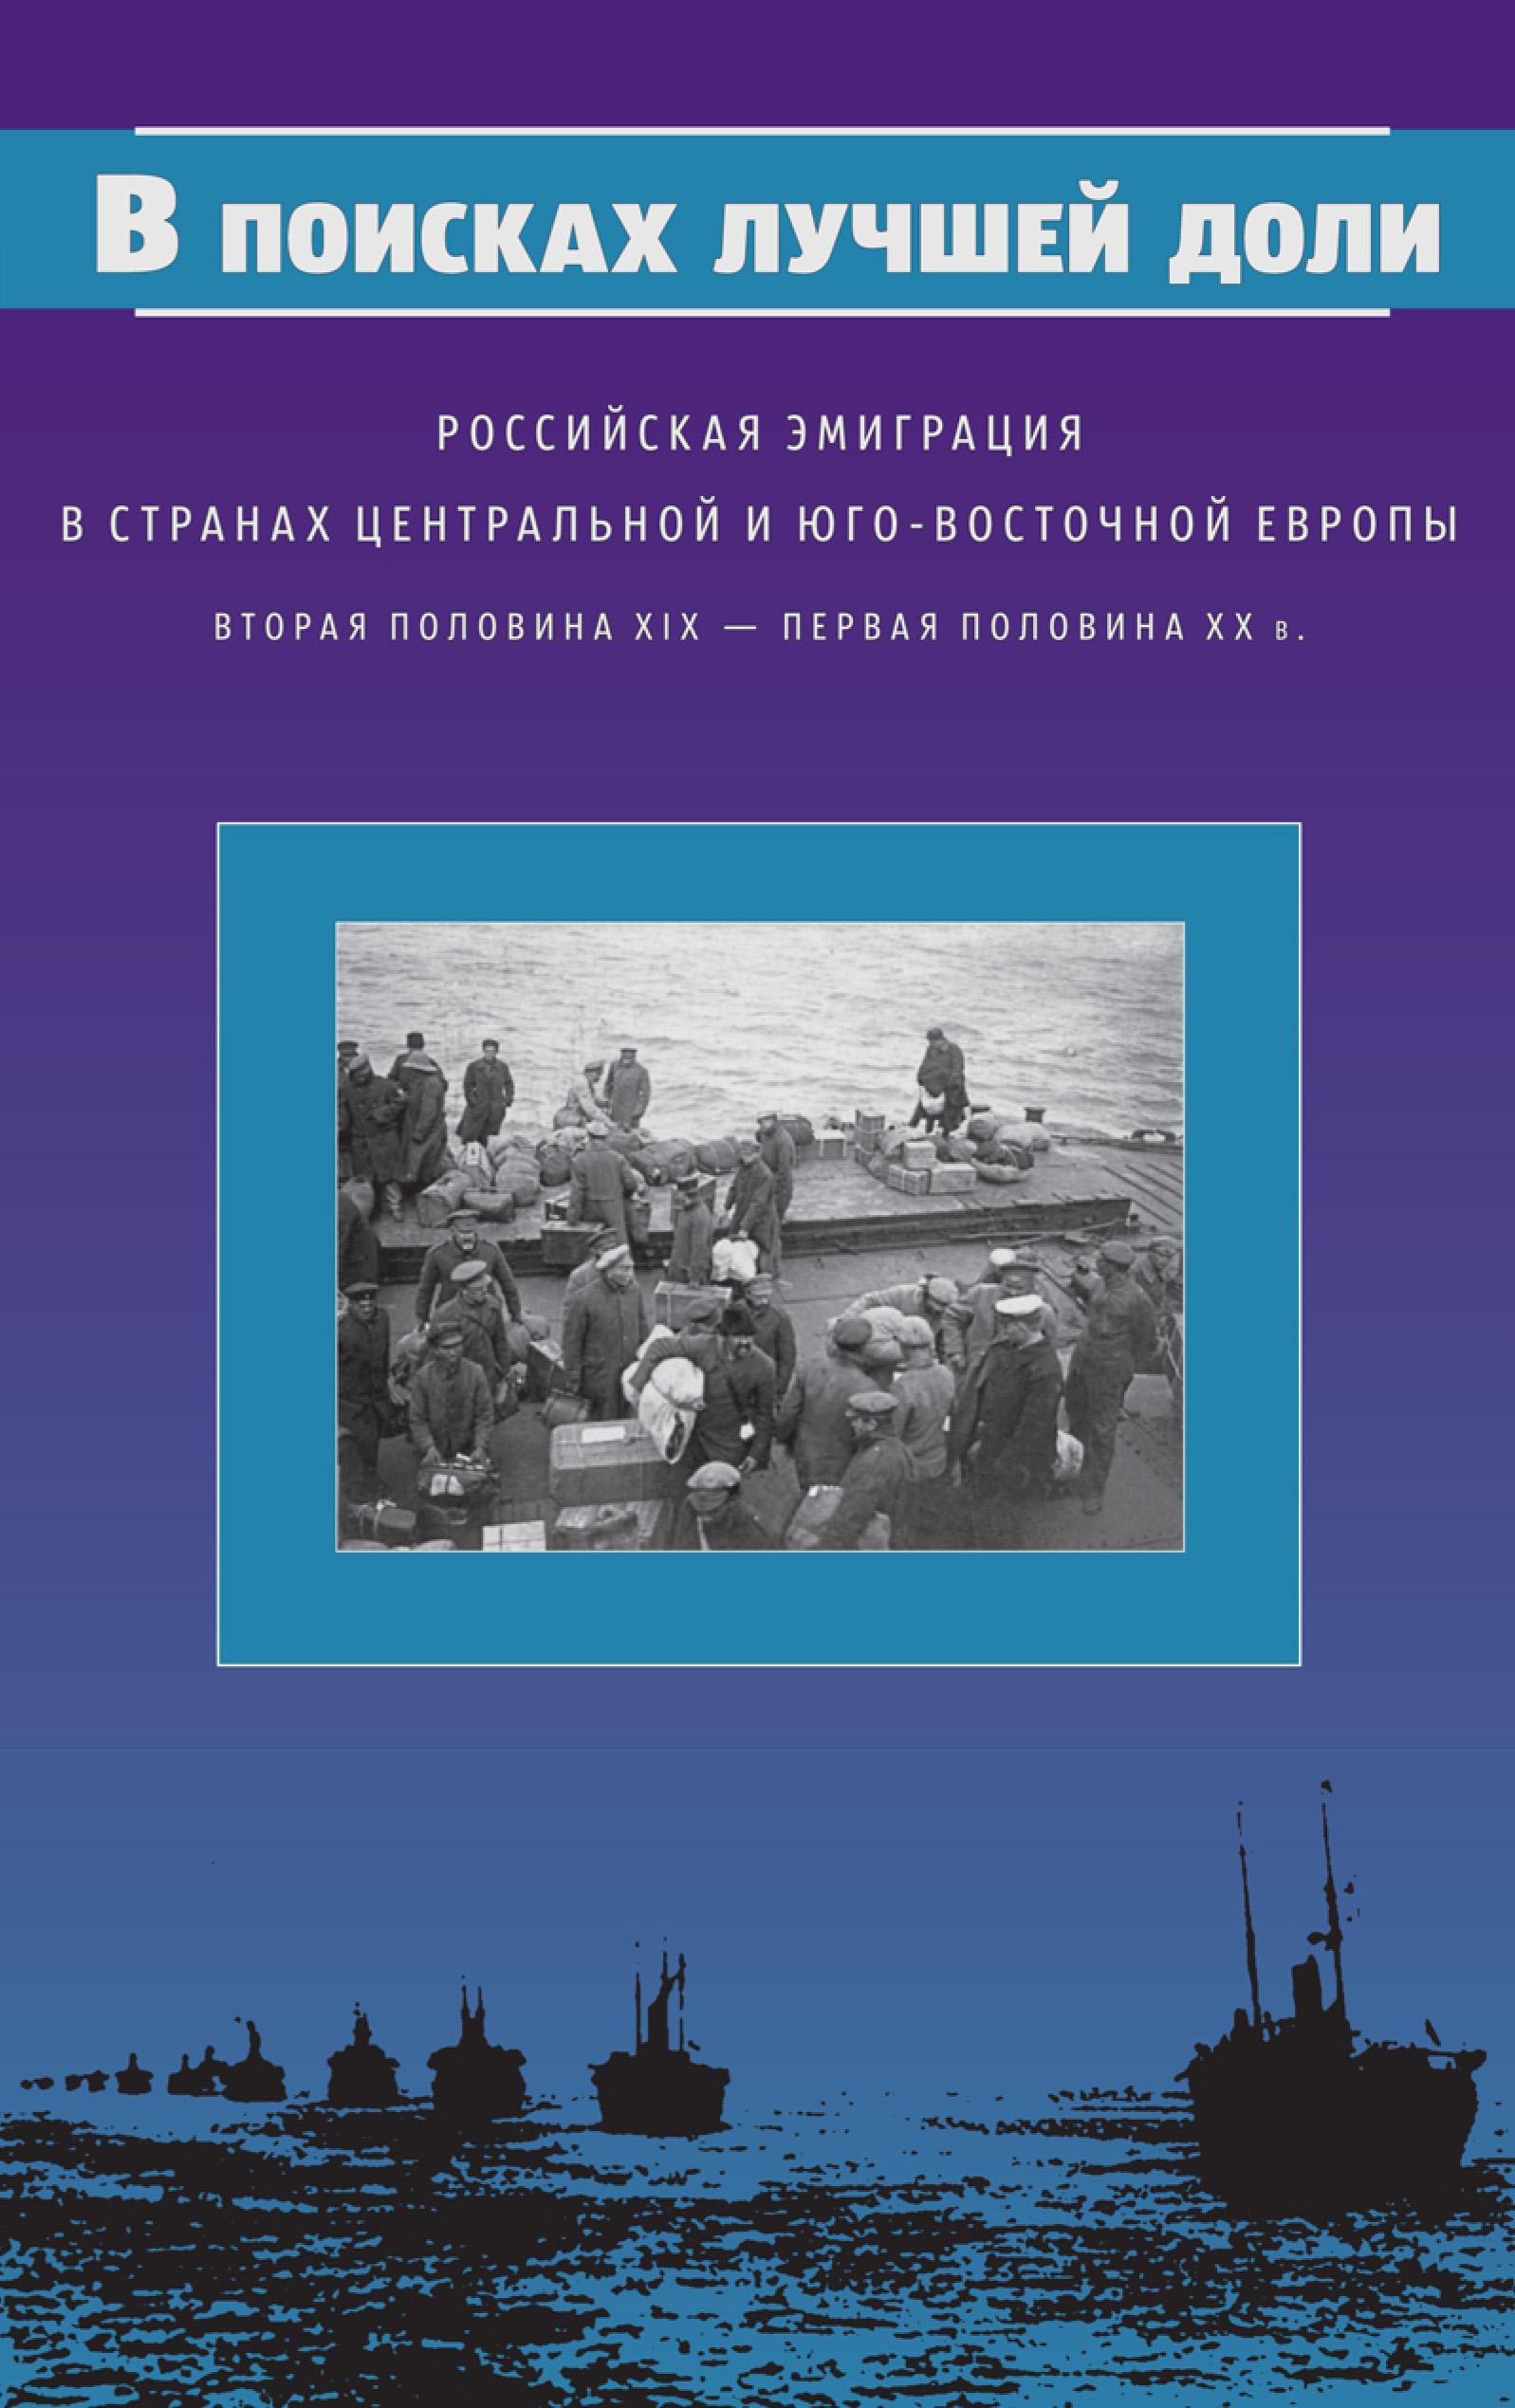 В поисках лучшей доли. Российская эмиграция в странах Центральной и Юго-Восточной Европы. Вторая половина XIX – первая половина XX в.